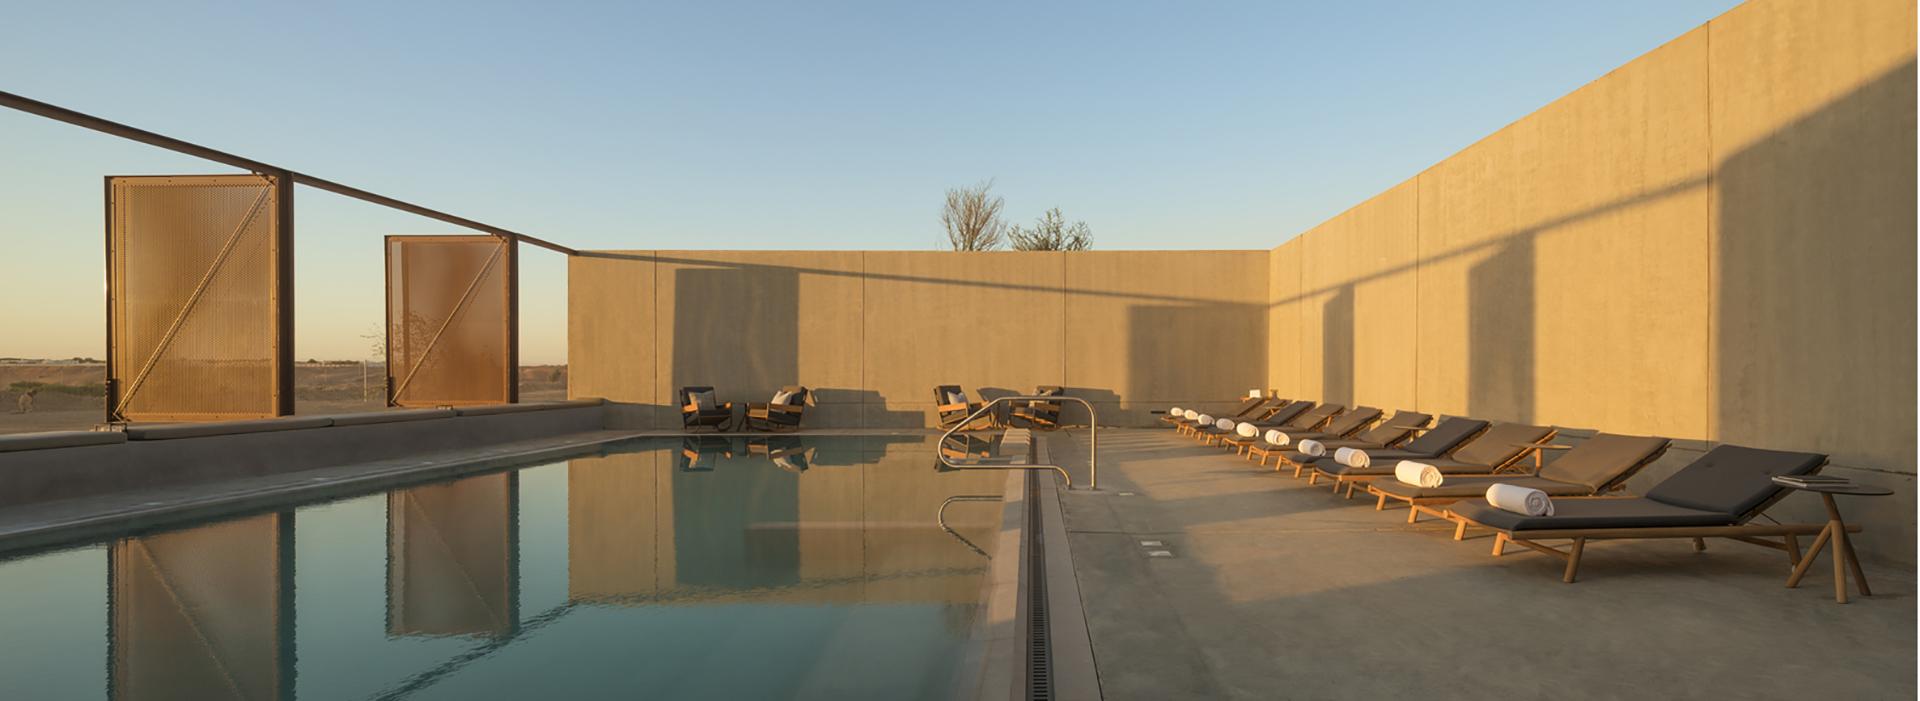 El refugio que se afinca en medio del desierto cuenta con una piscina común al aire libre (Fernando Guerra)